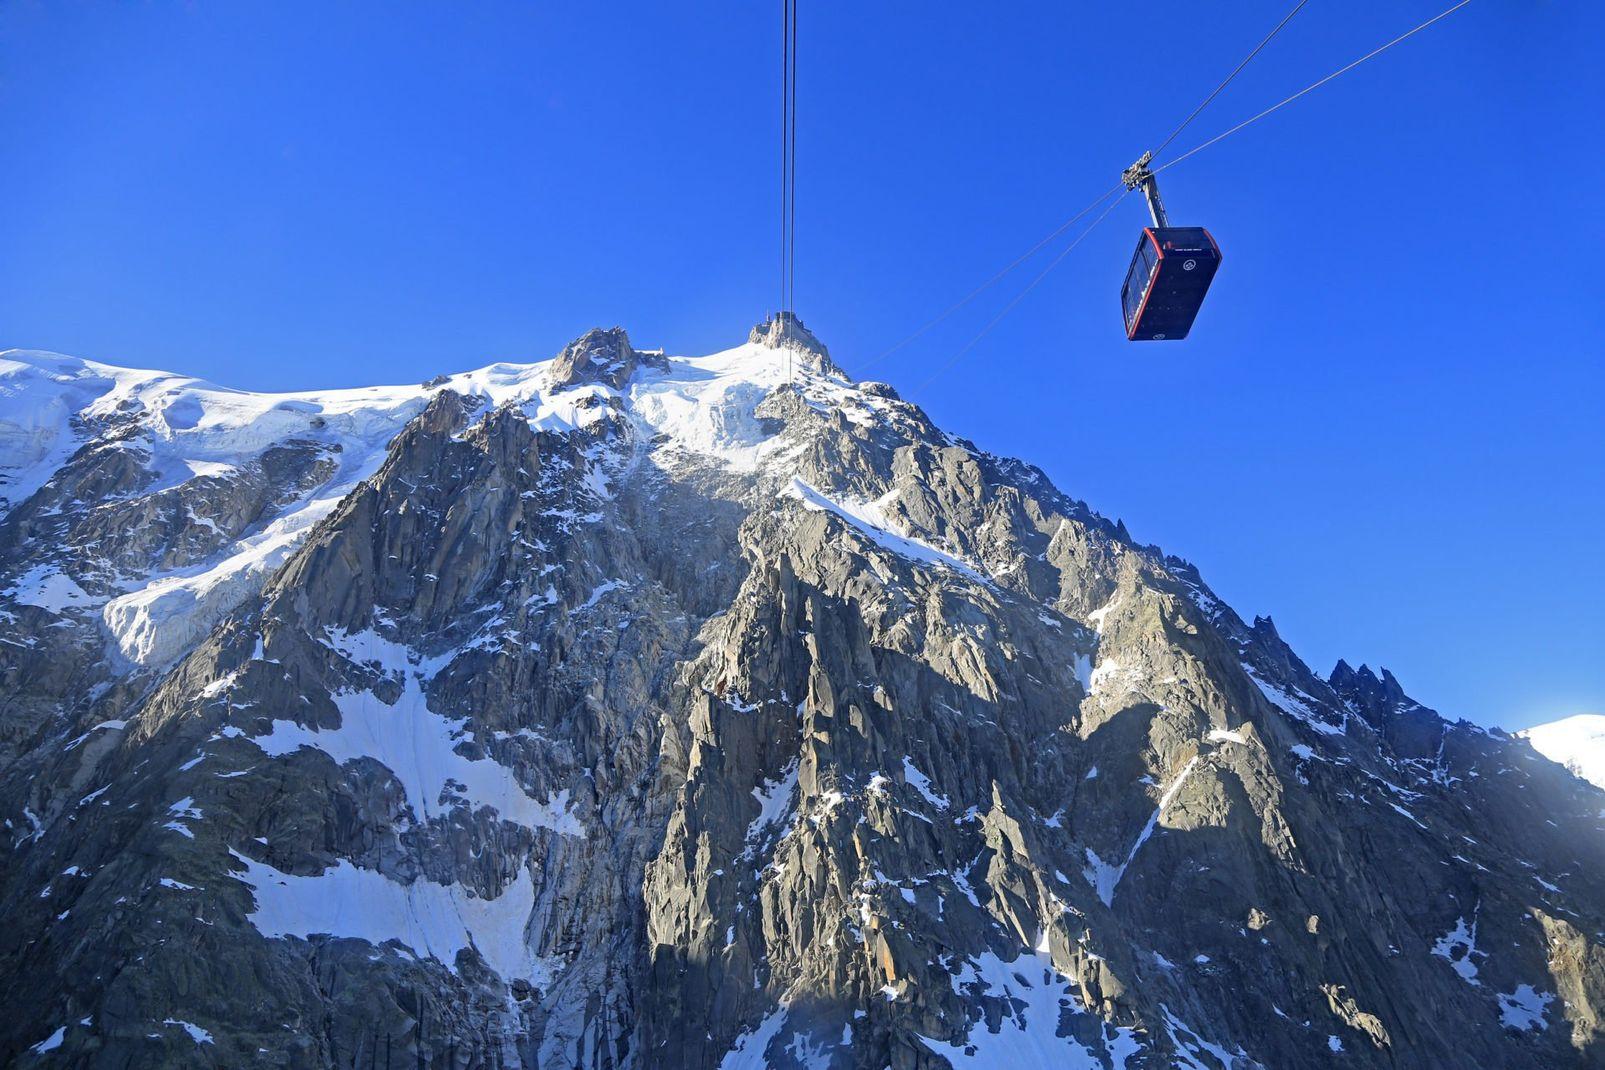 Skiing Chamonix